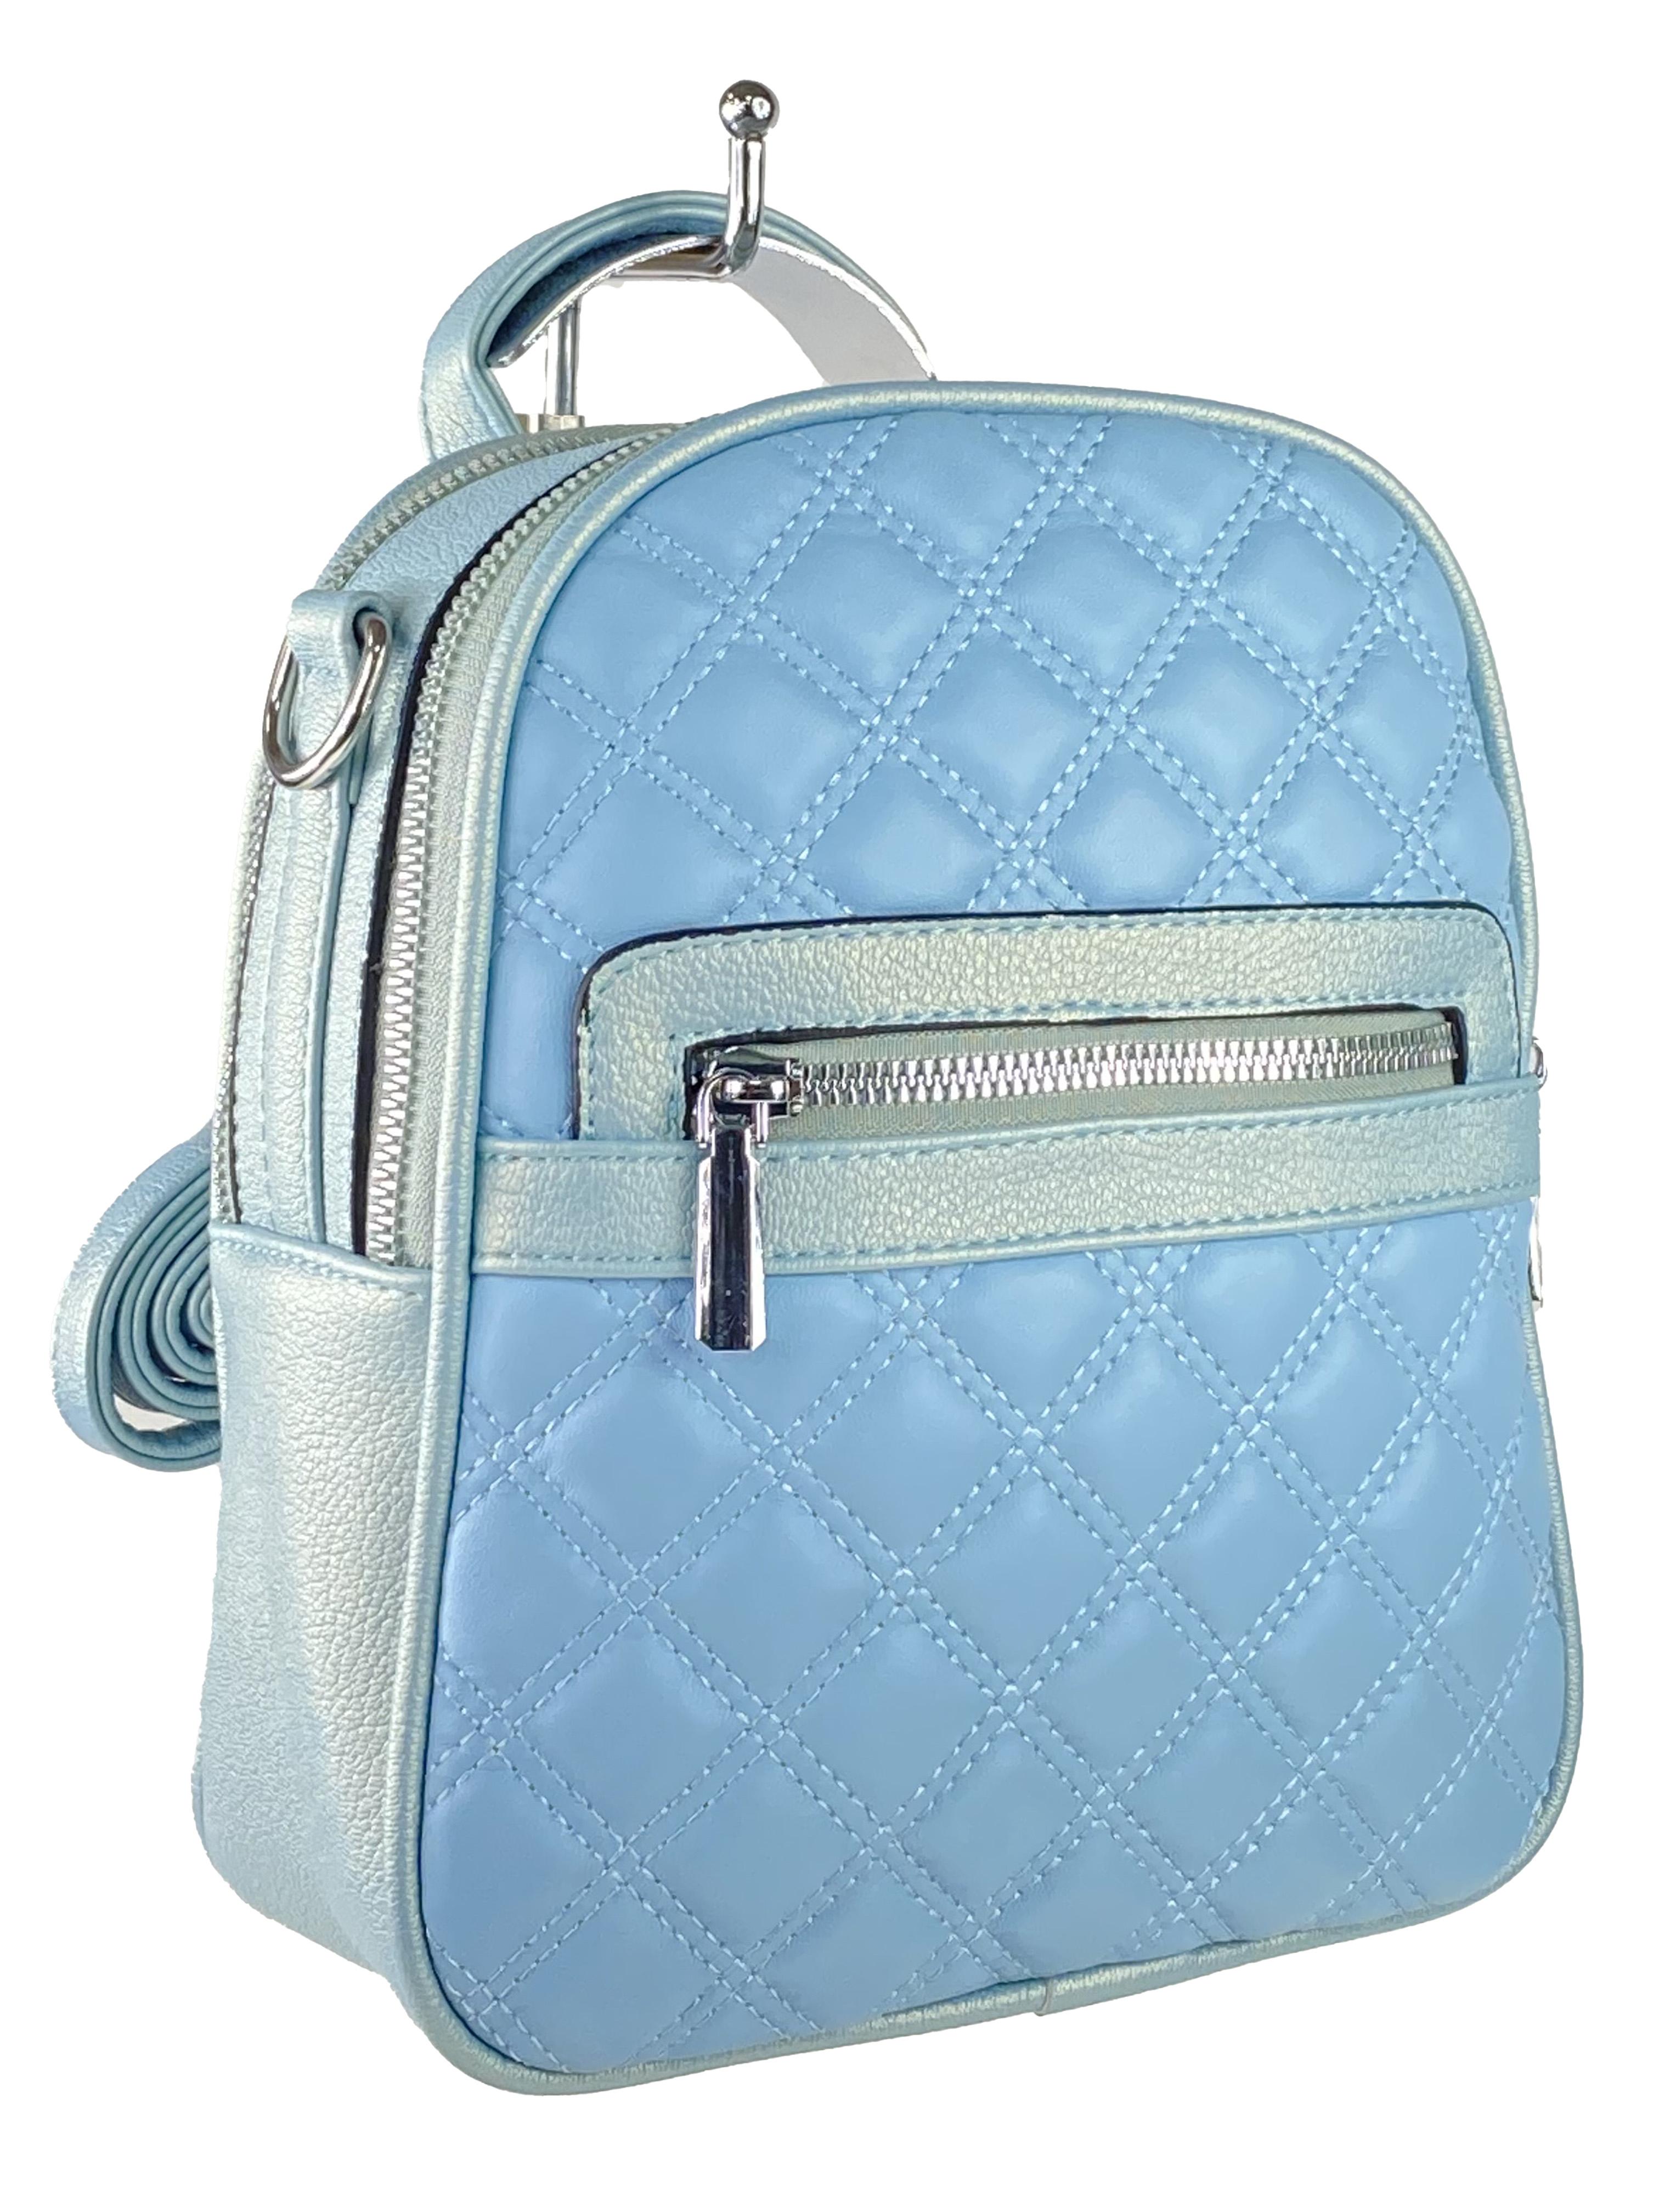 Женская стёганая сумка-рюкзак из искусственной кожи, цвет голубой